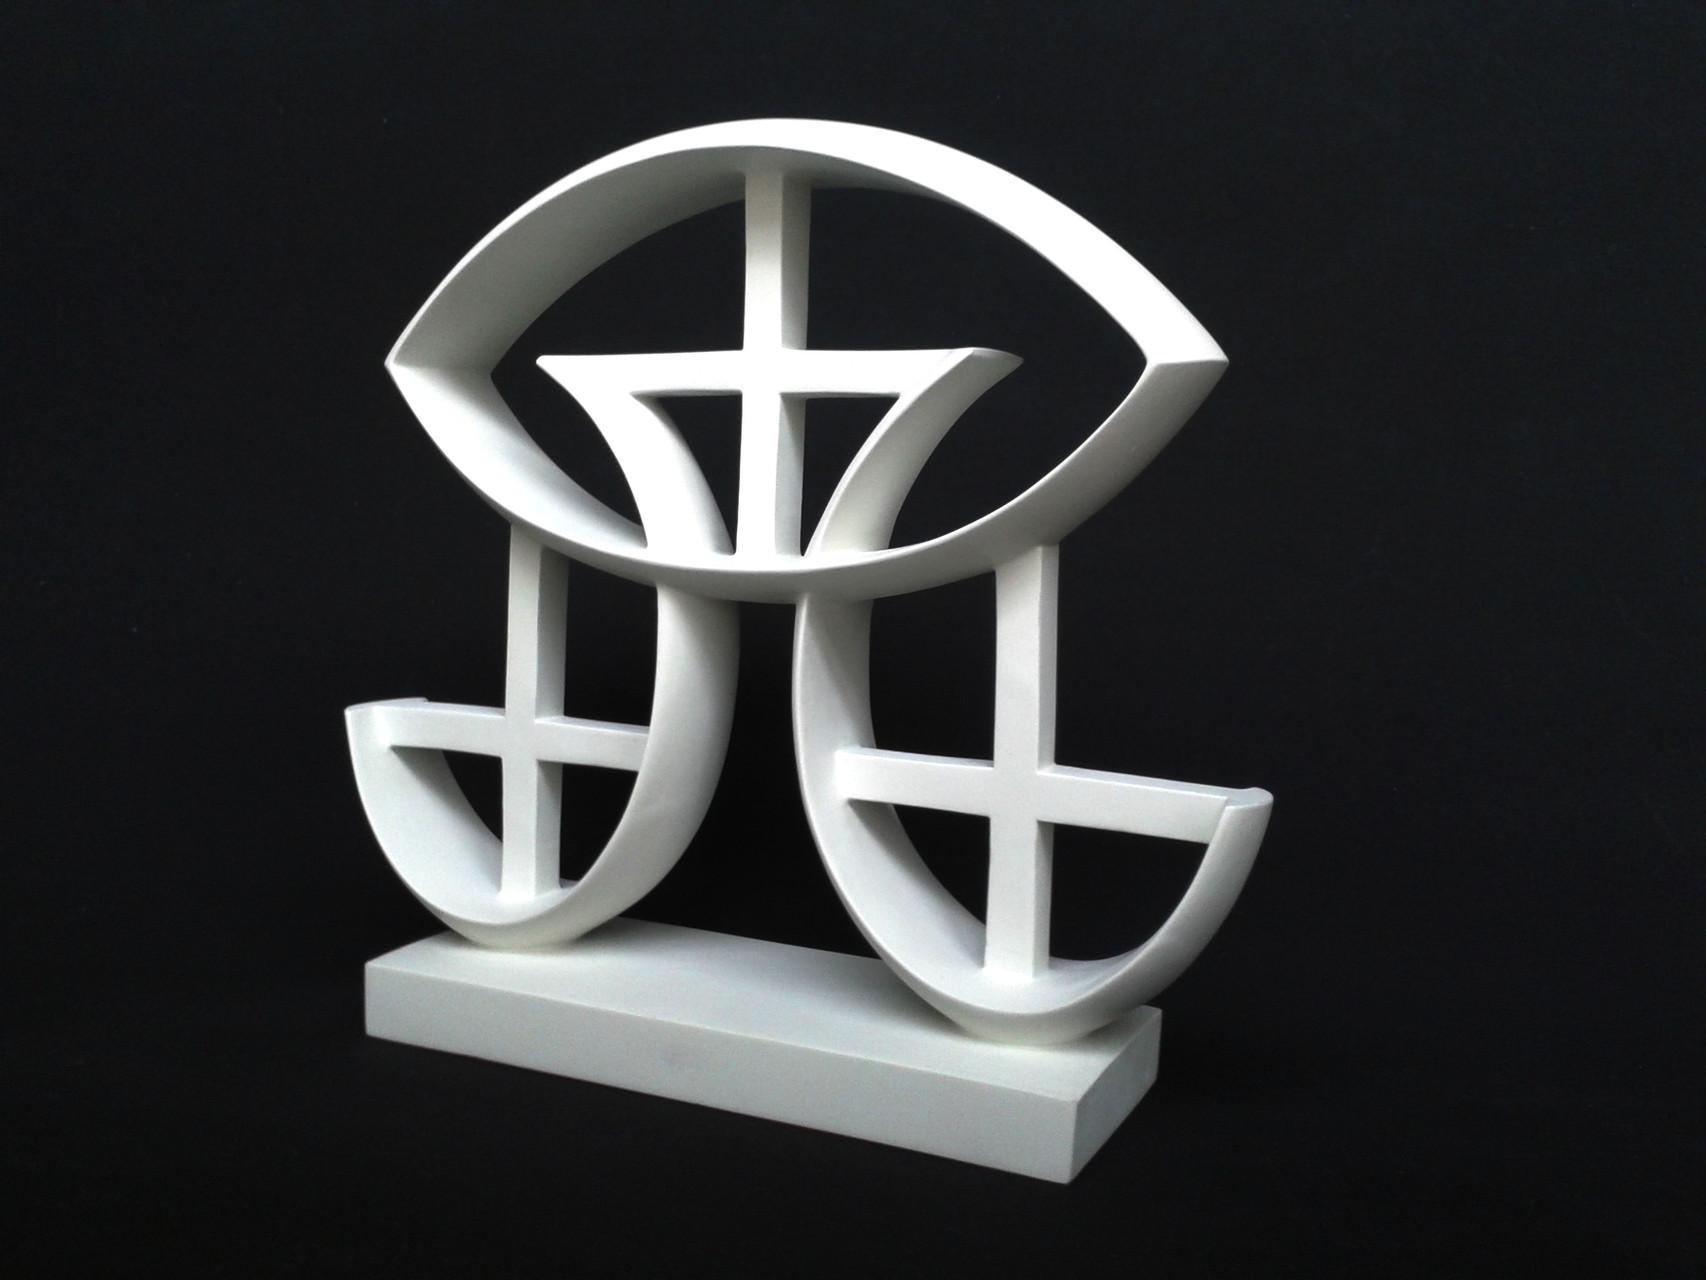 A+G 9. 2012. 36 X 32,5 X 9 cm. Aluminio - Pintura electrostática